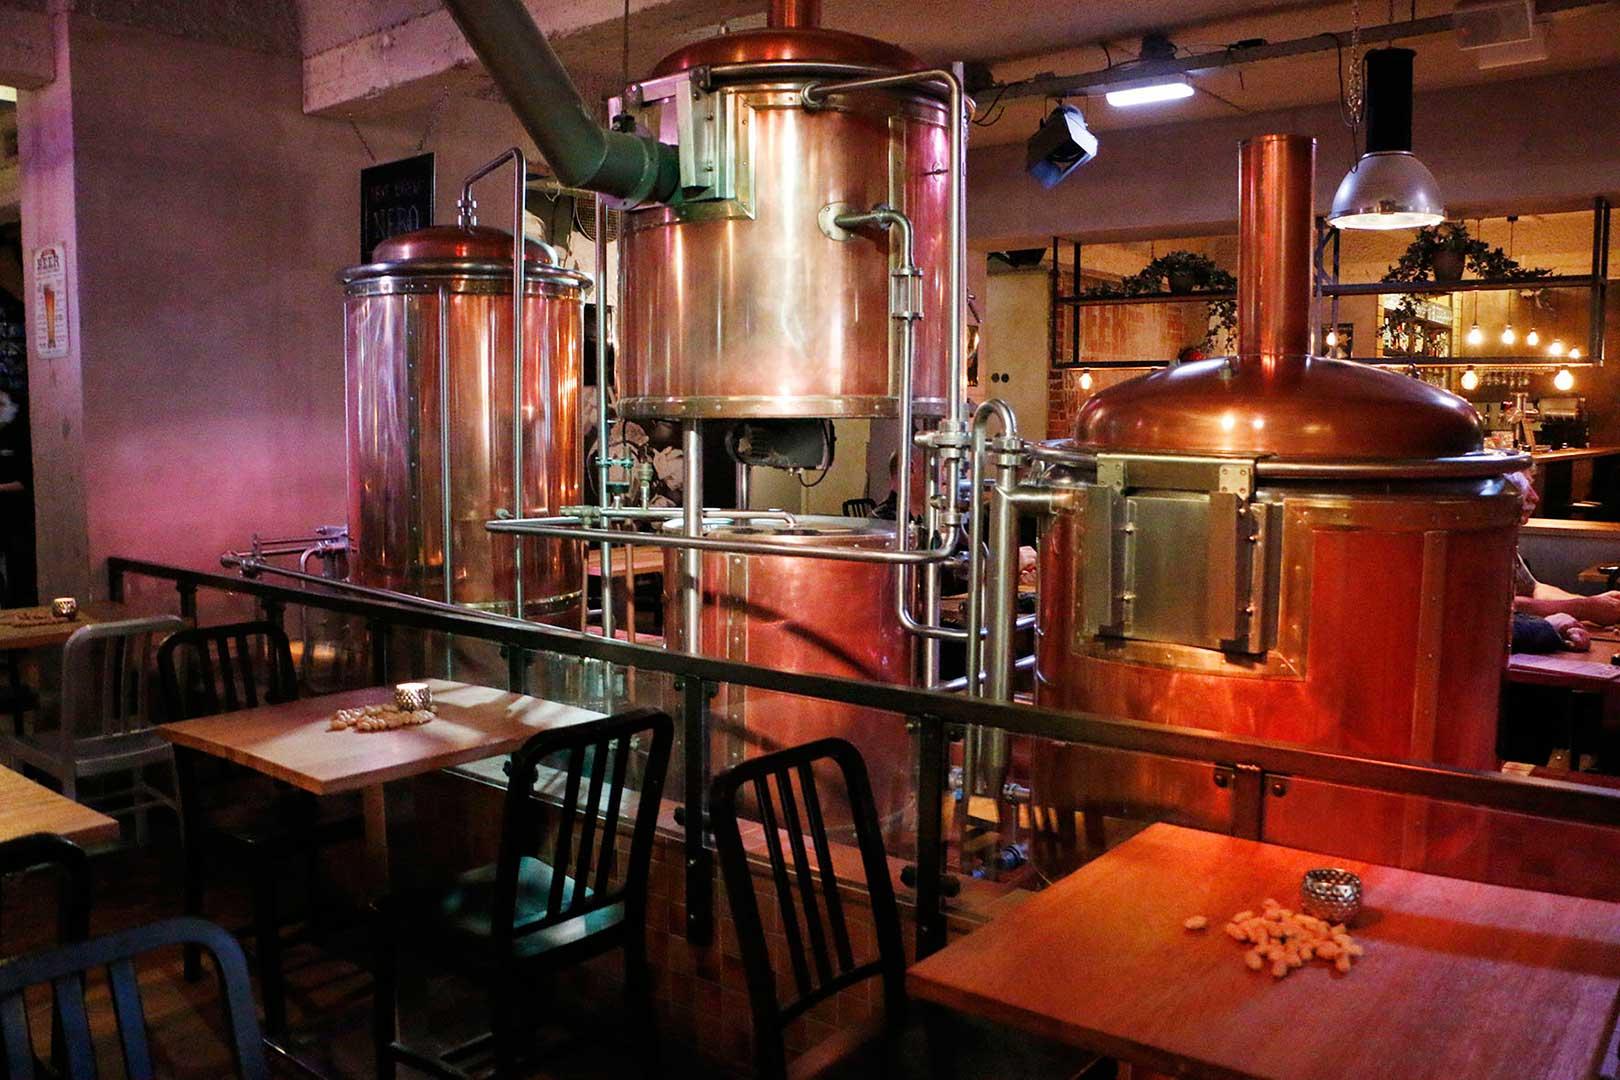 Bier Fabriek - Bira Fabrikası - Bira - Bitterballen - Piliç Çevirme - Brewery - Brouwery